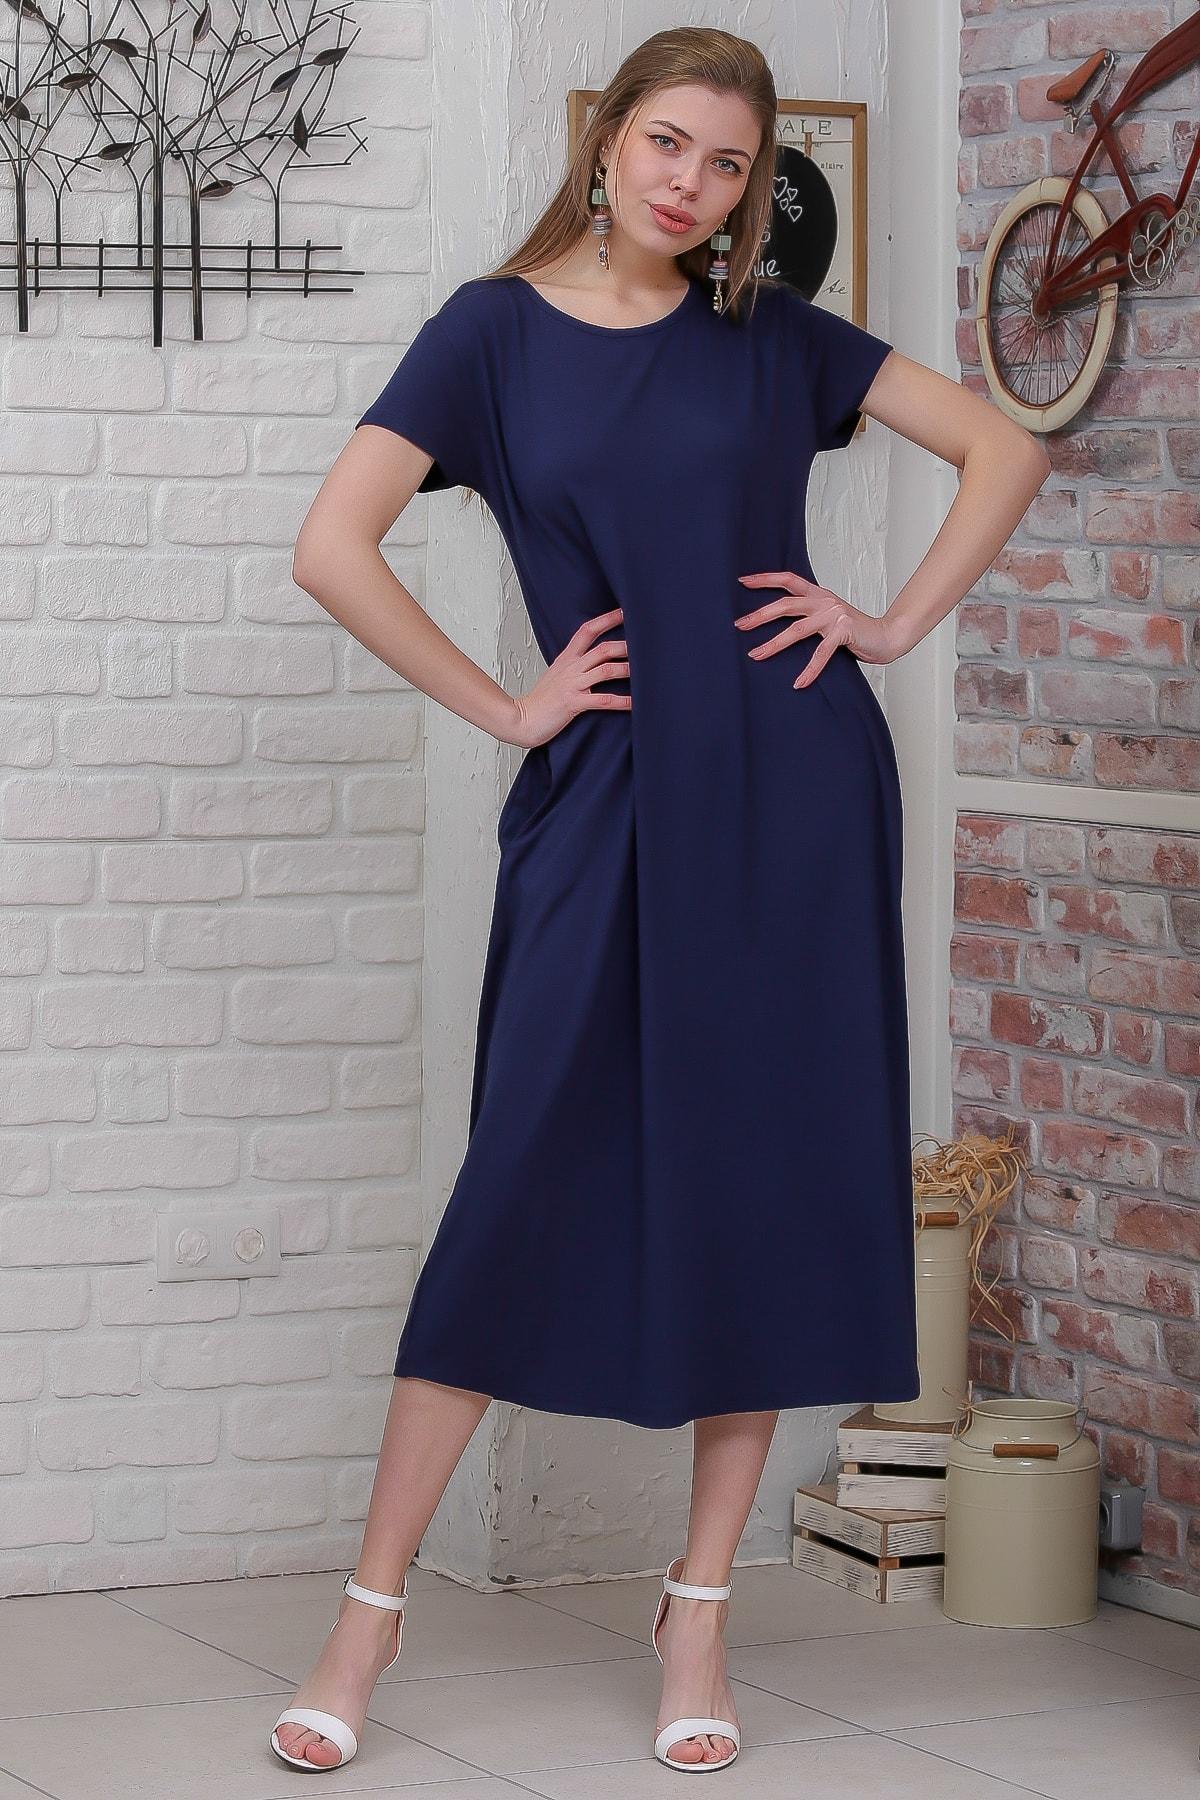 Chiccy Kadın Lacivert Sıfır Yaka Kısa Kollu Gizli Cepli Salaş Elbise M10160000EL95531 1